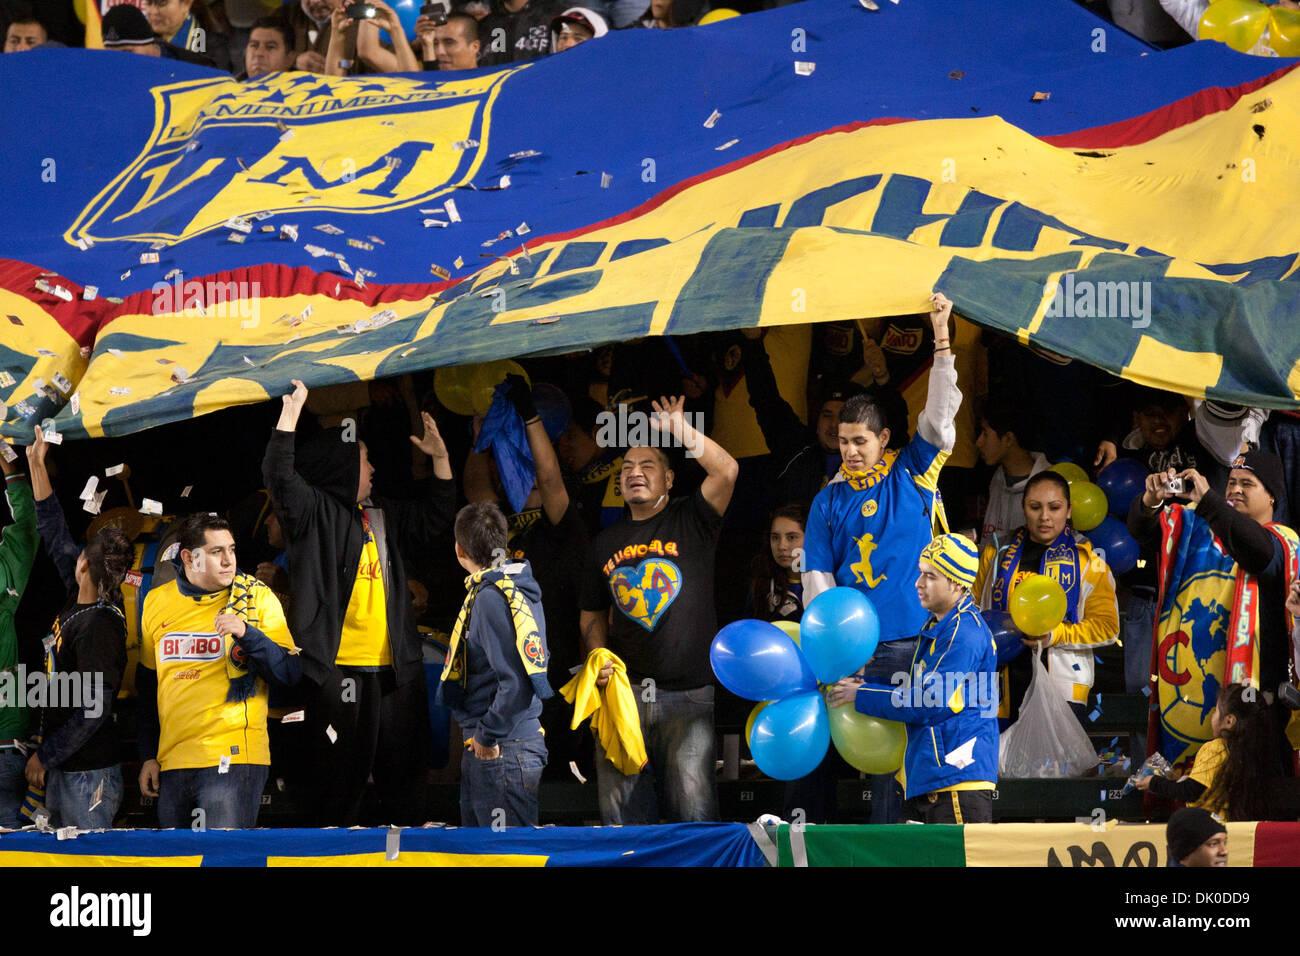 85e6d202a U S Soccer Fans Stock Photos   U S Soccer Fans Stock Images - Alamy